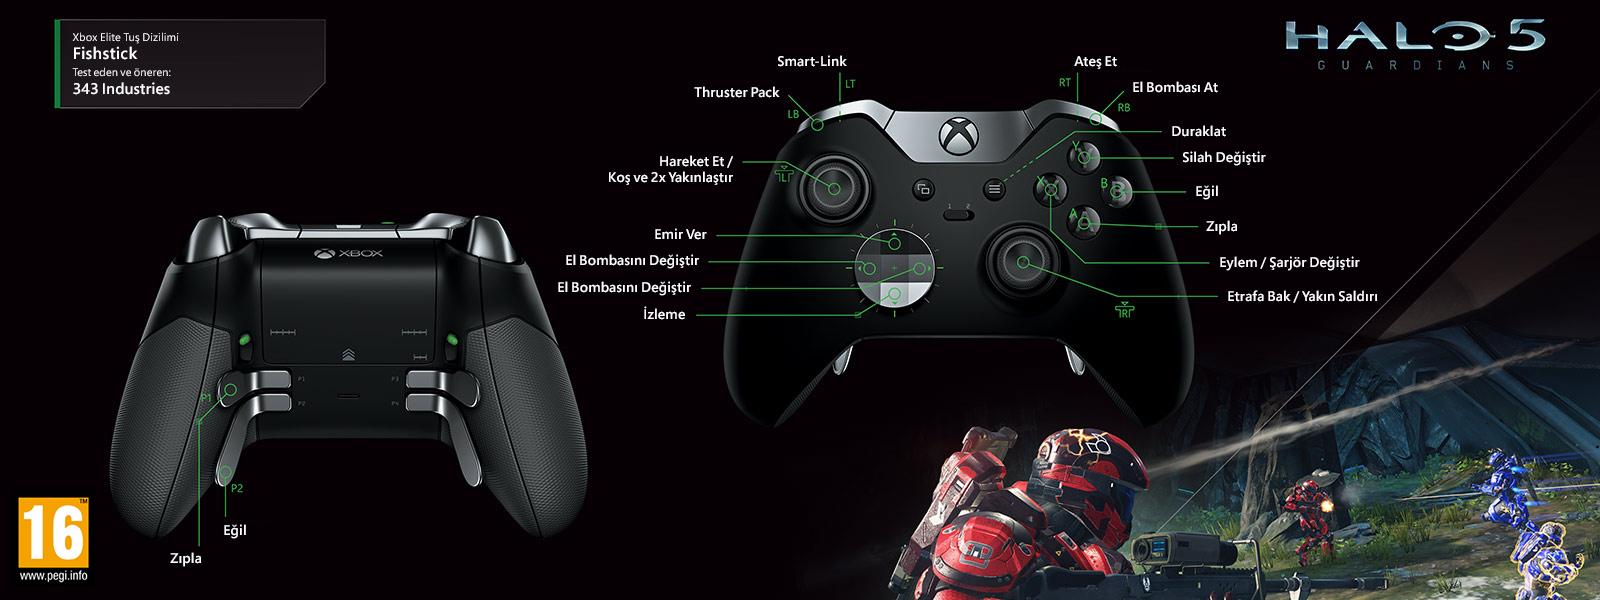 Halo 5 – Fishstick Elite Kontrol Düzeni